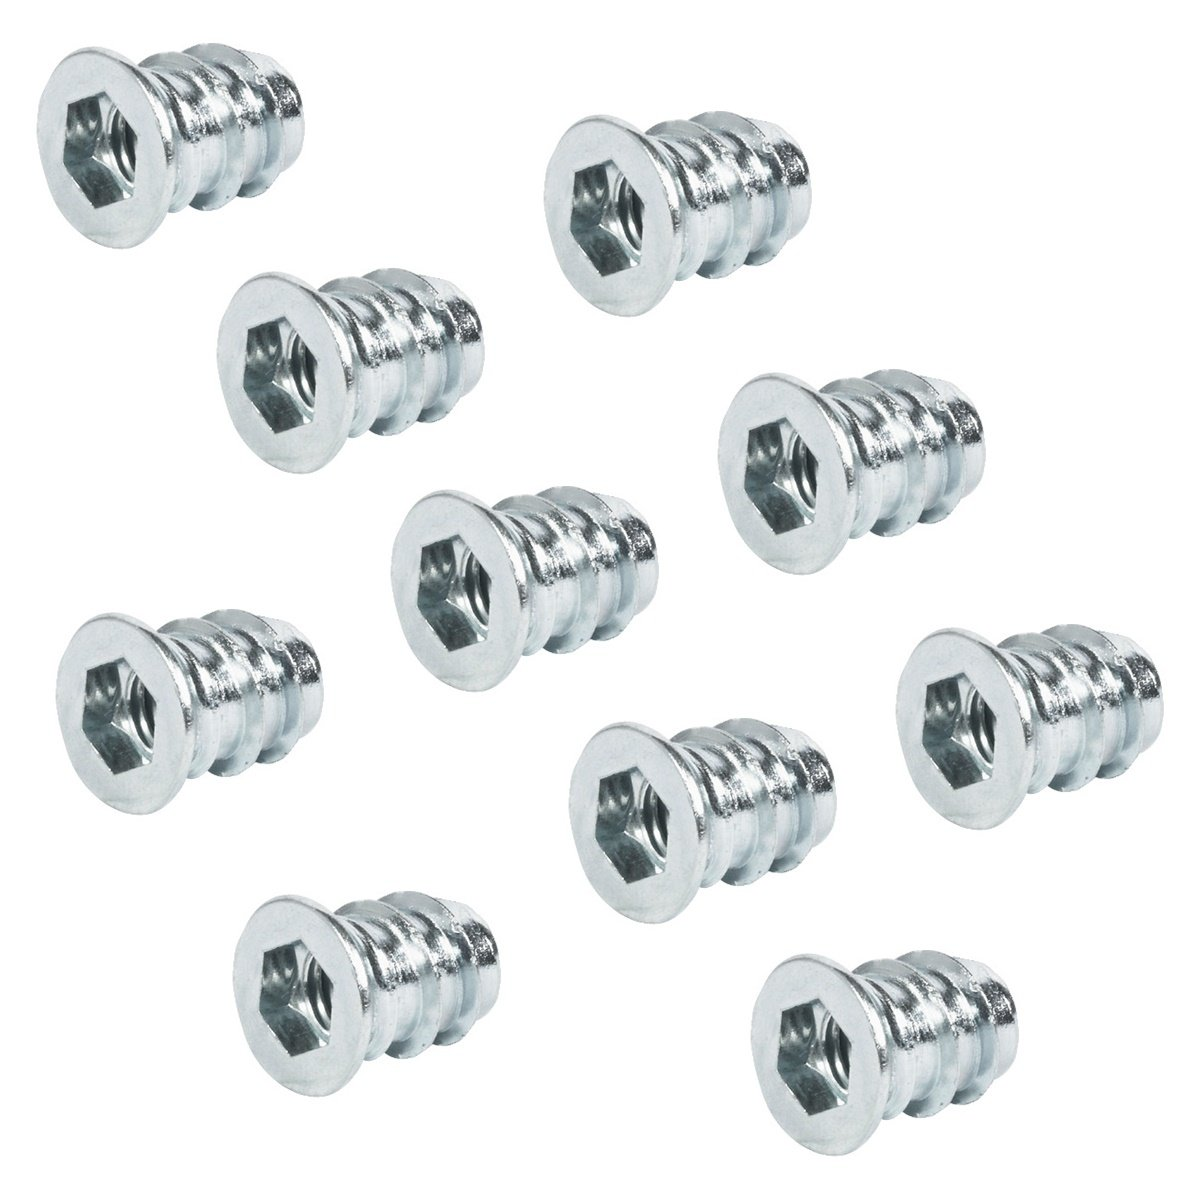 100 Stück - Einschraubmuffen Metall Eindrehmuffe mit Abdeckrand | M8 x 24 mm | Einschraubmutter Stahl verzinkt | Antrieb: Innensechskant | Möbelbeschläge von GedoTec® GedoTec®